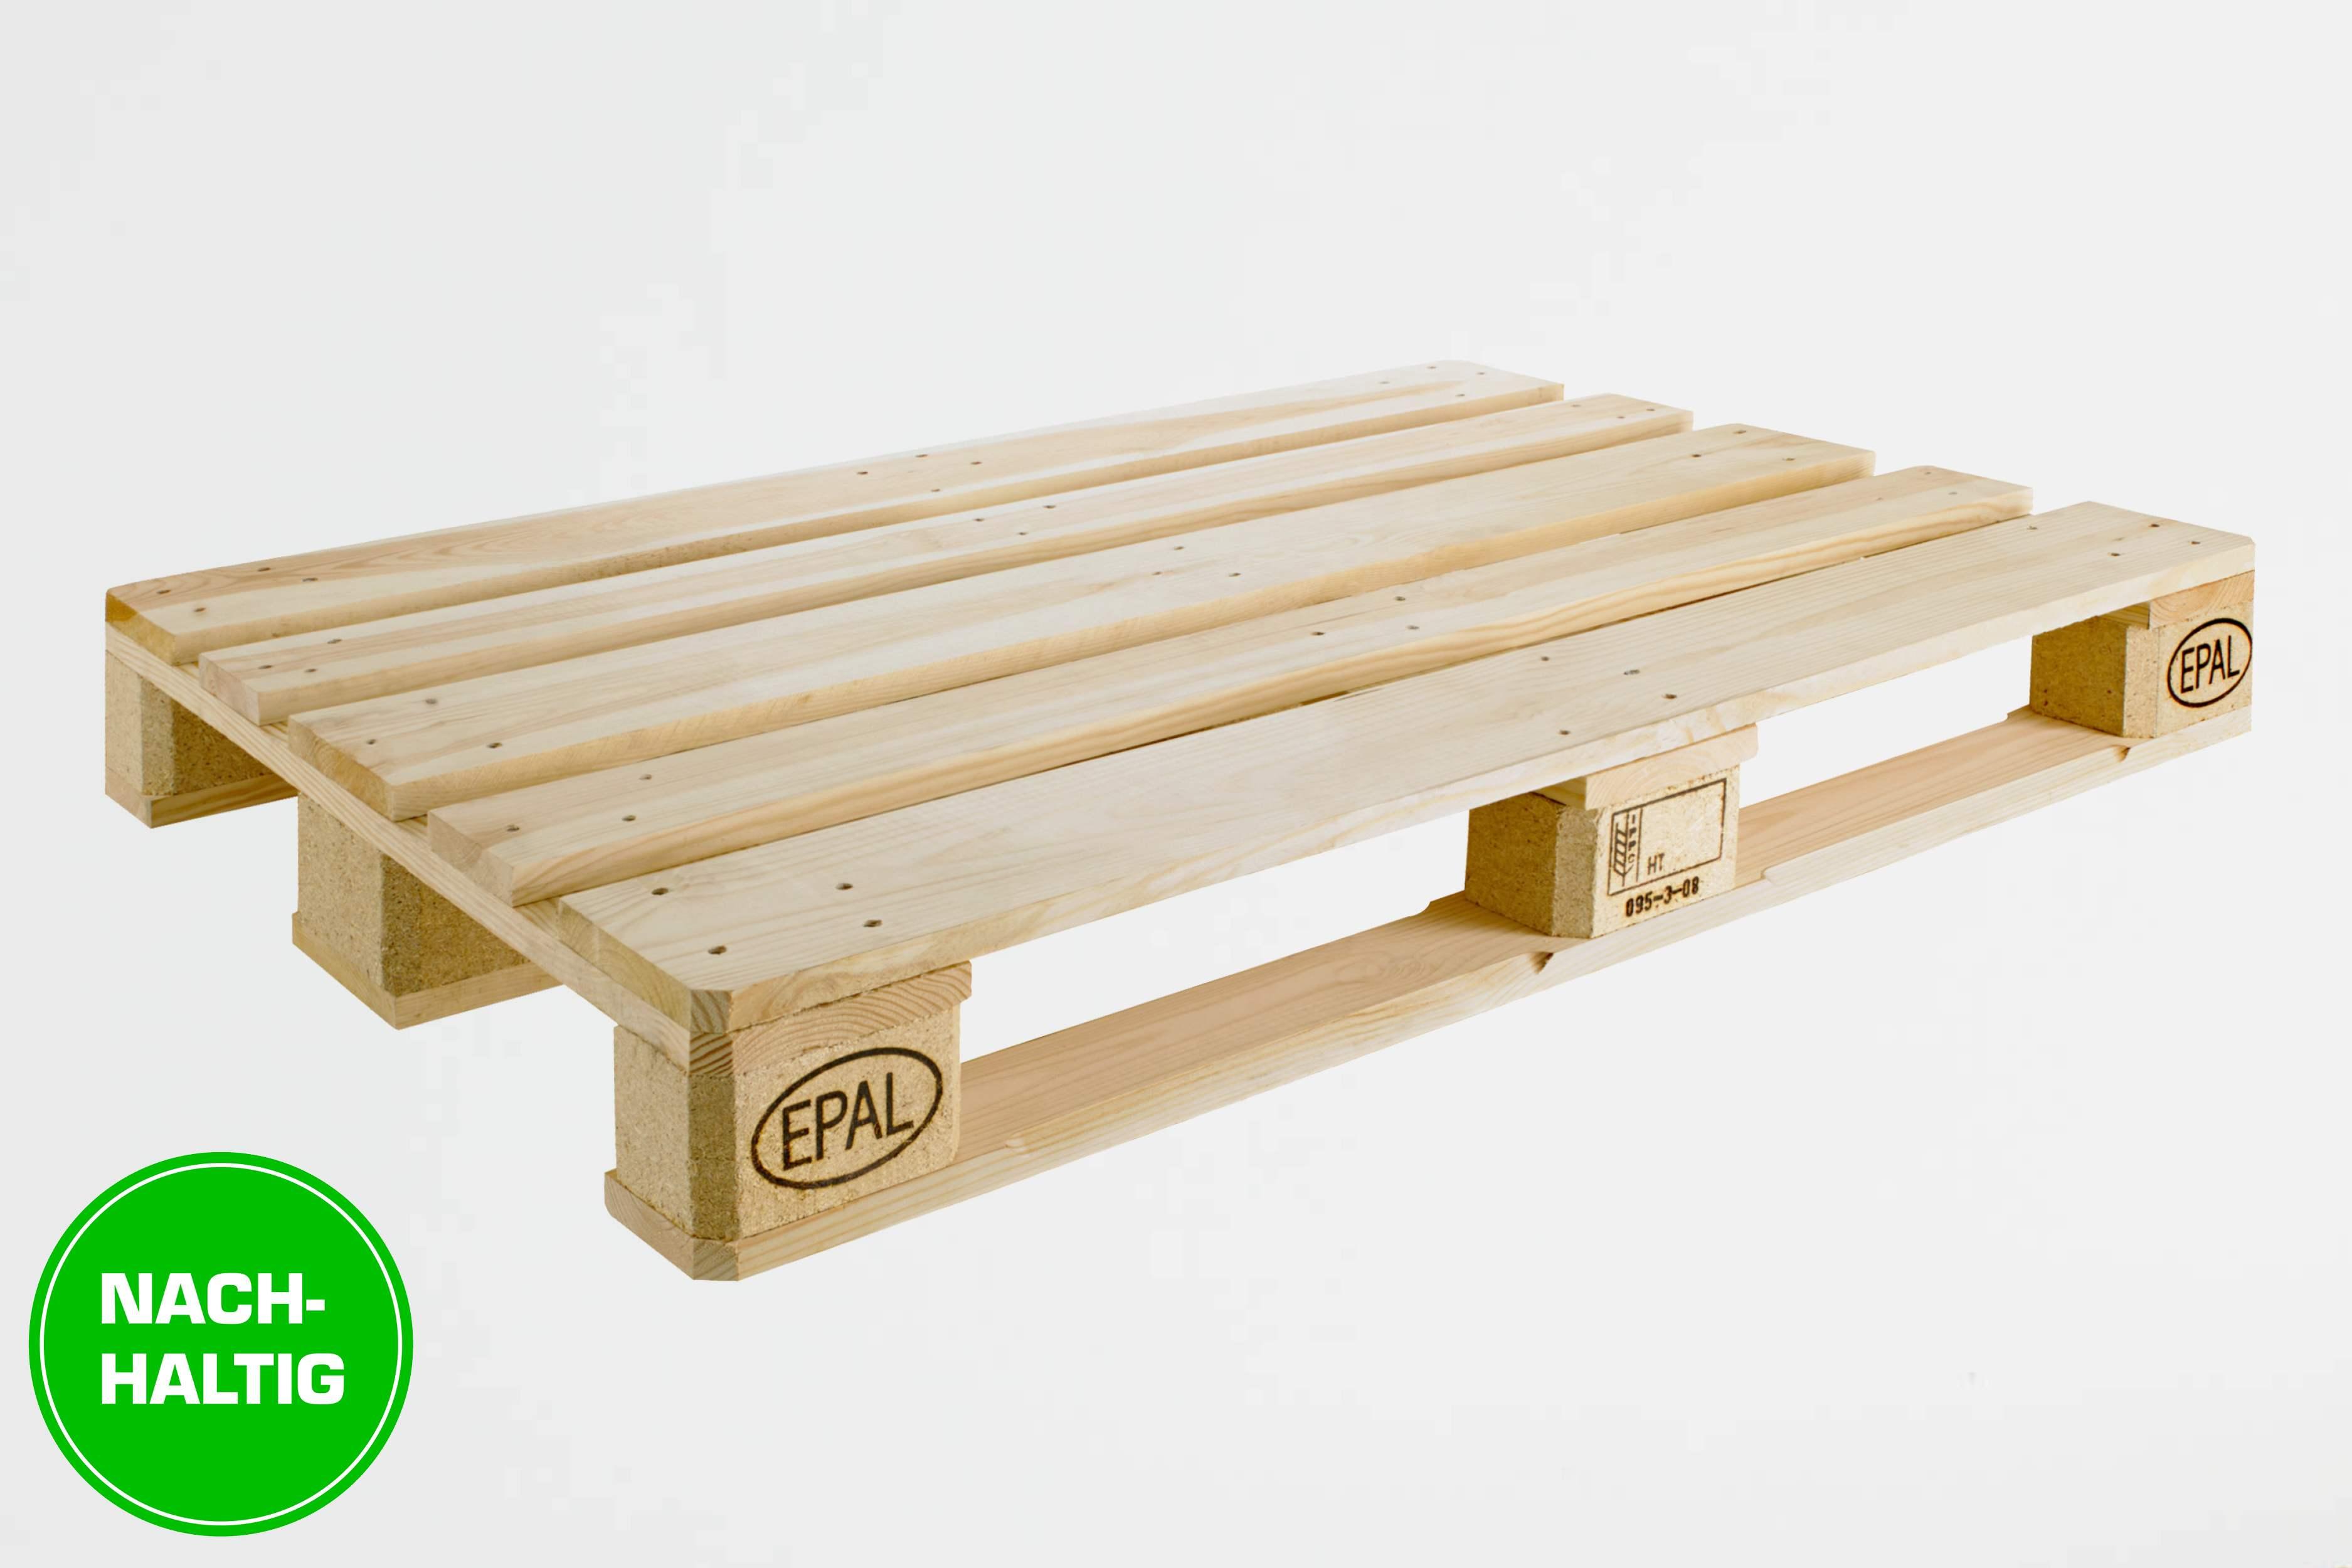 Tauschpalette EPAL Europalette aus Holz